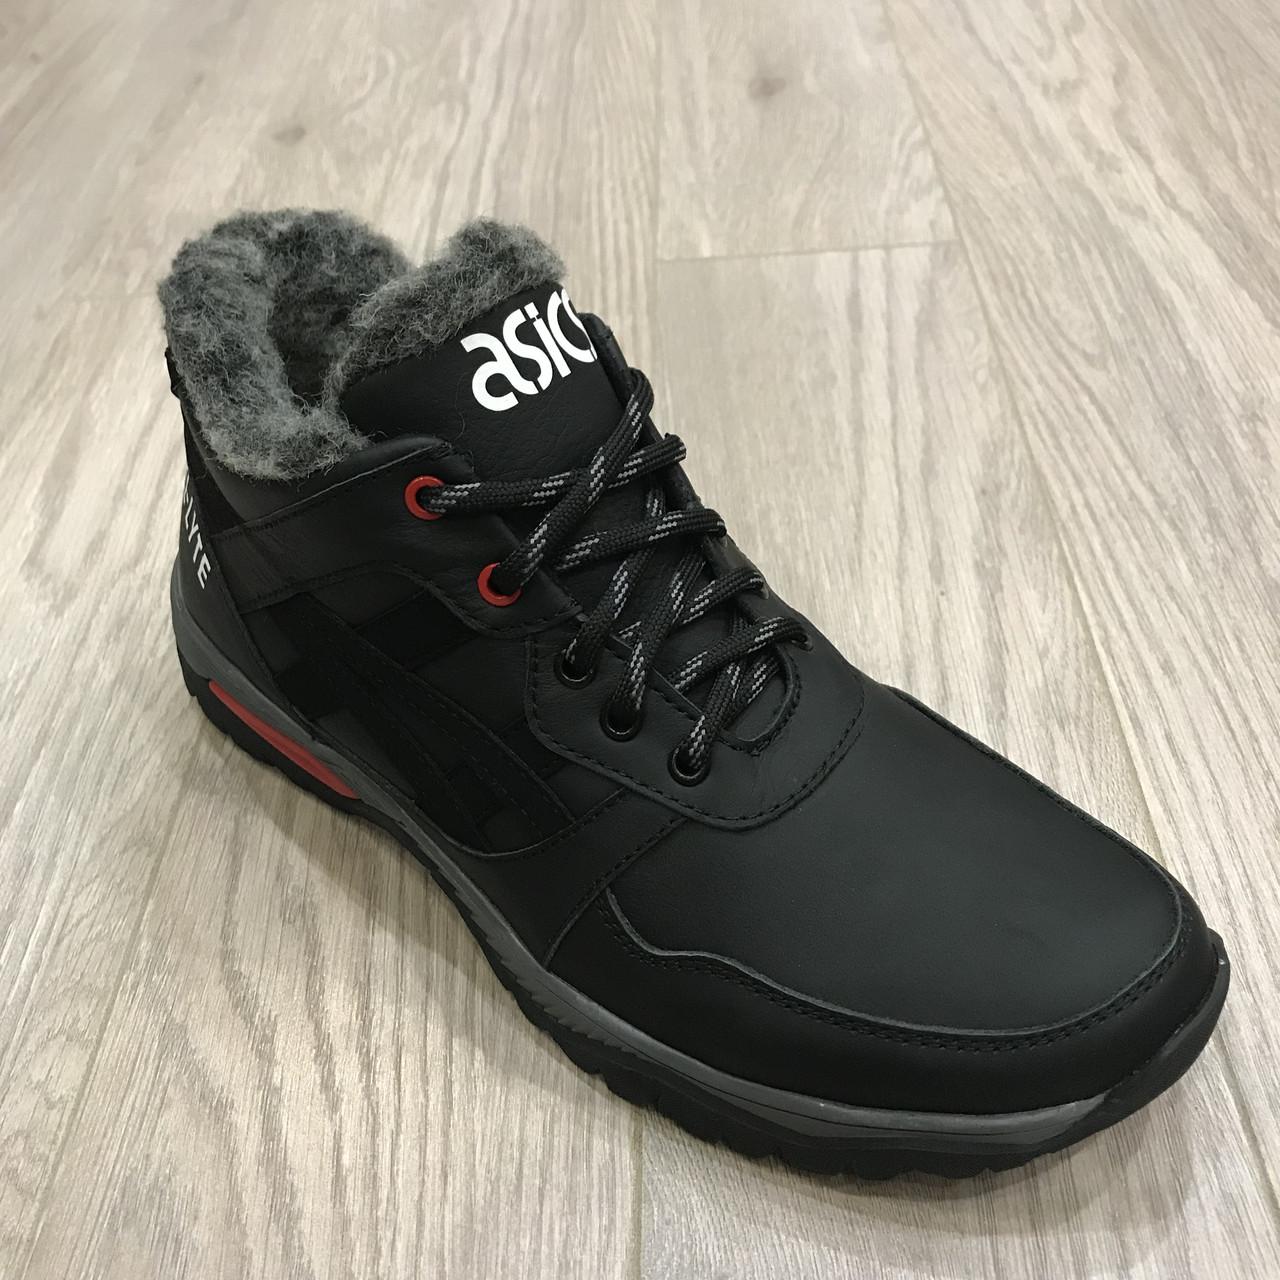 a6985af21a51 Мужские зимние кроссовки Asics   черные   р.40-45  продажа, цена в ...